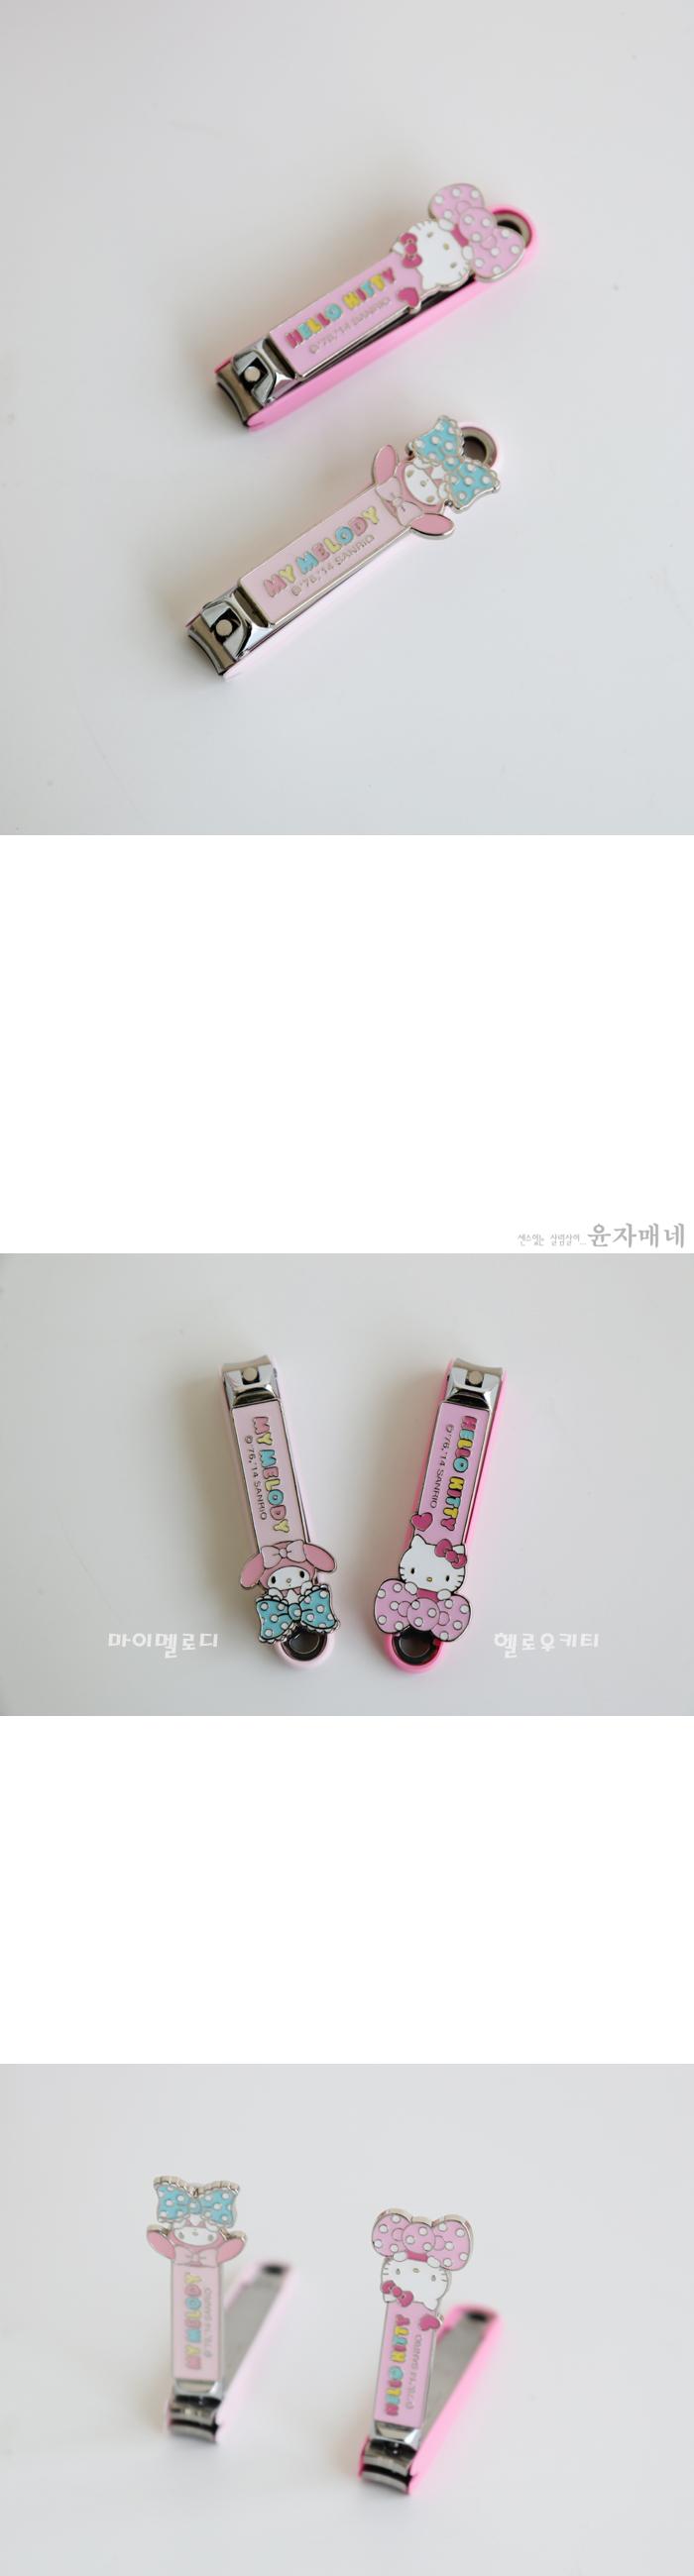 산리오캐릭터손톱깎이(2type) - 윤자매네, 19,300원, 네일, 관리도구